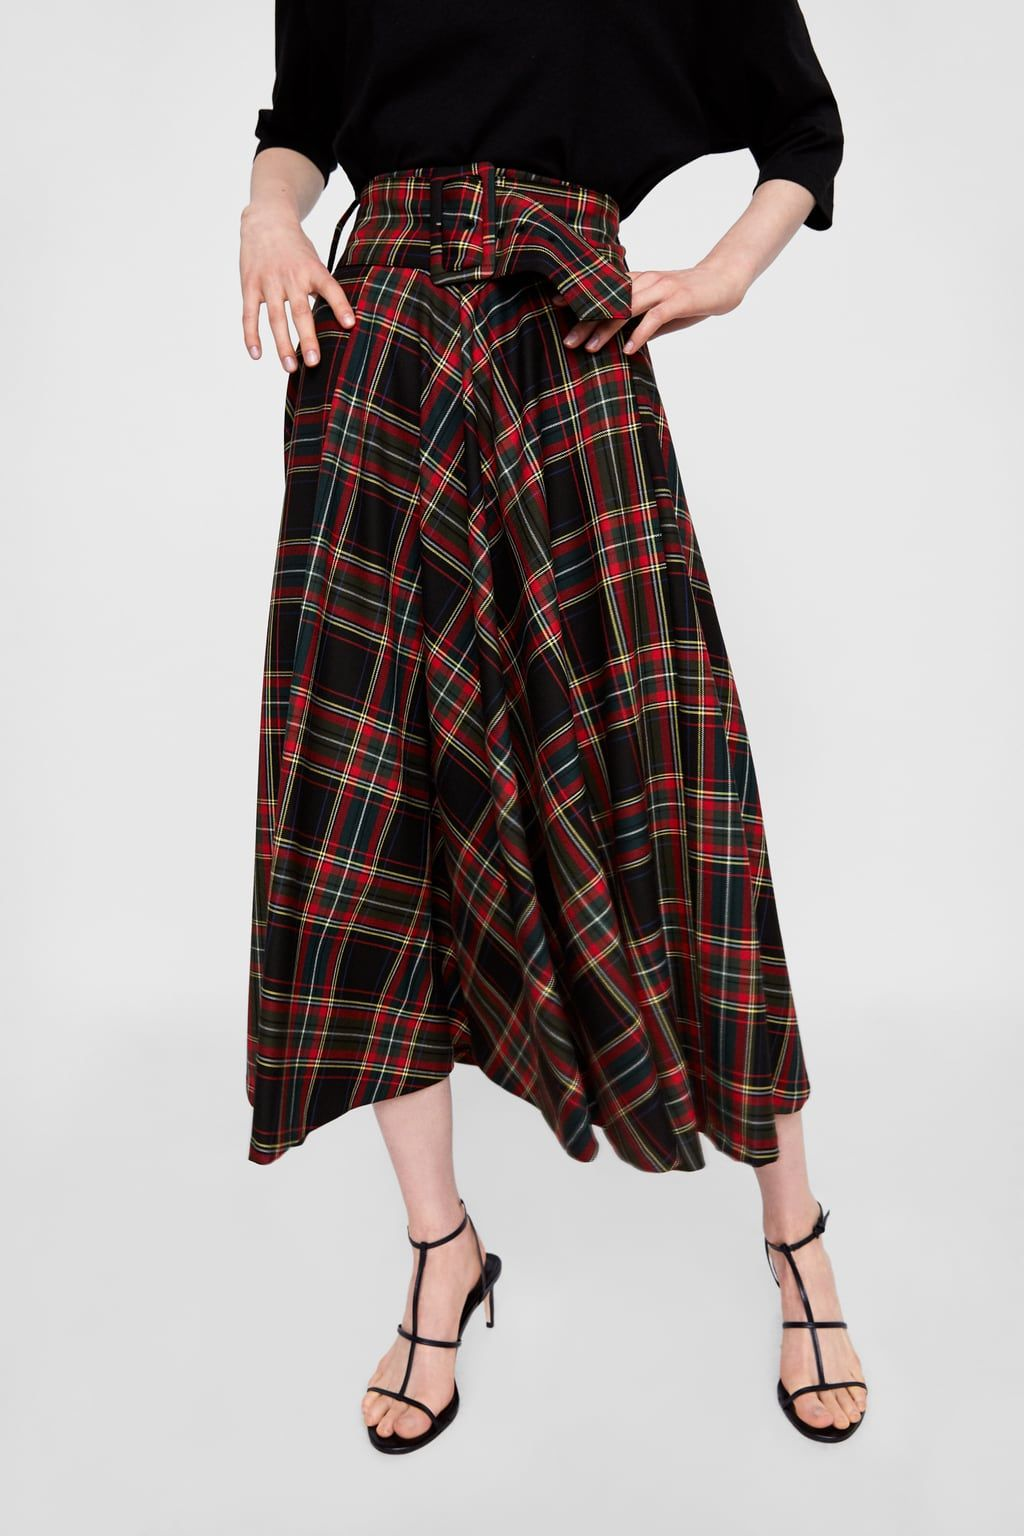 a4c3a8703c Plaid midi skirt   fw 2018 wishlist   Plaid skirts, Midi skirt ...